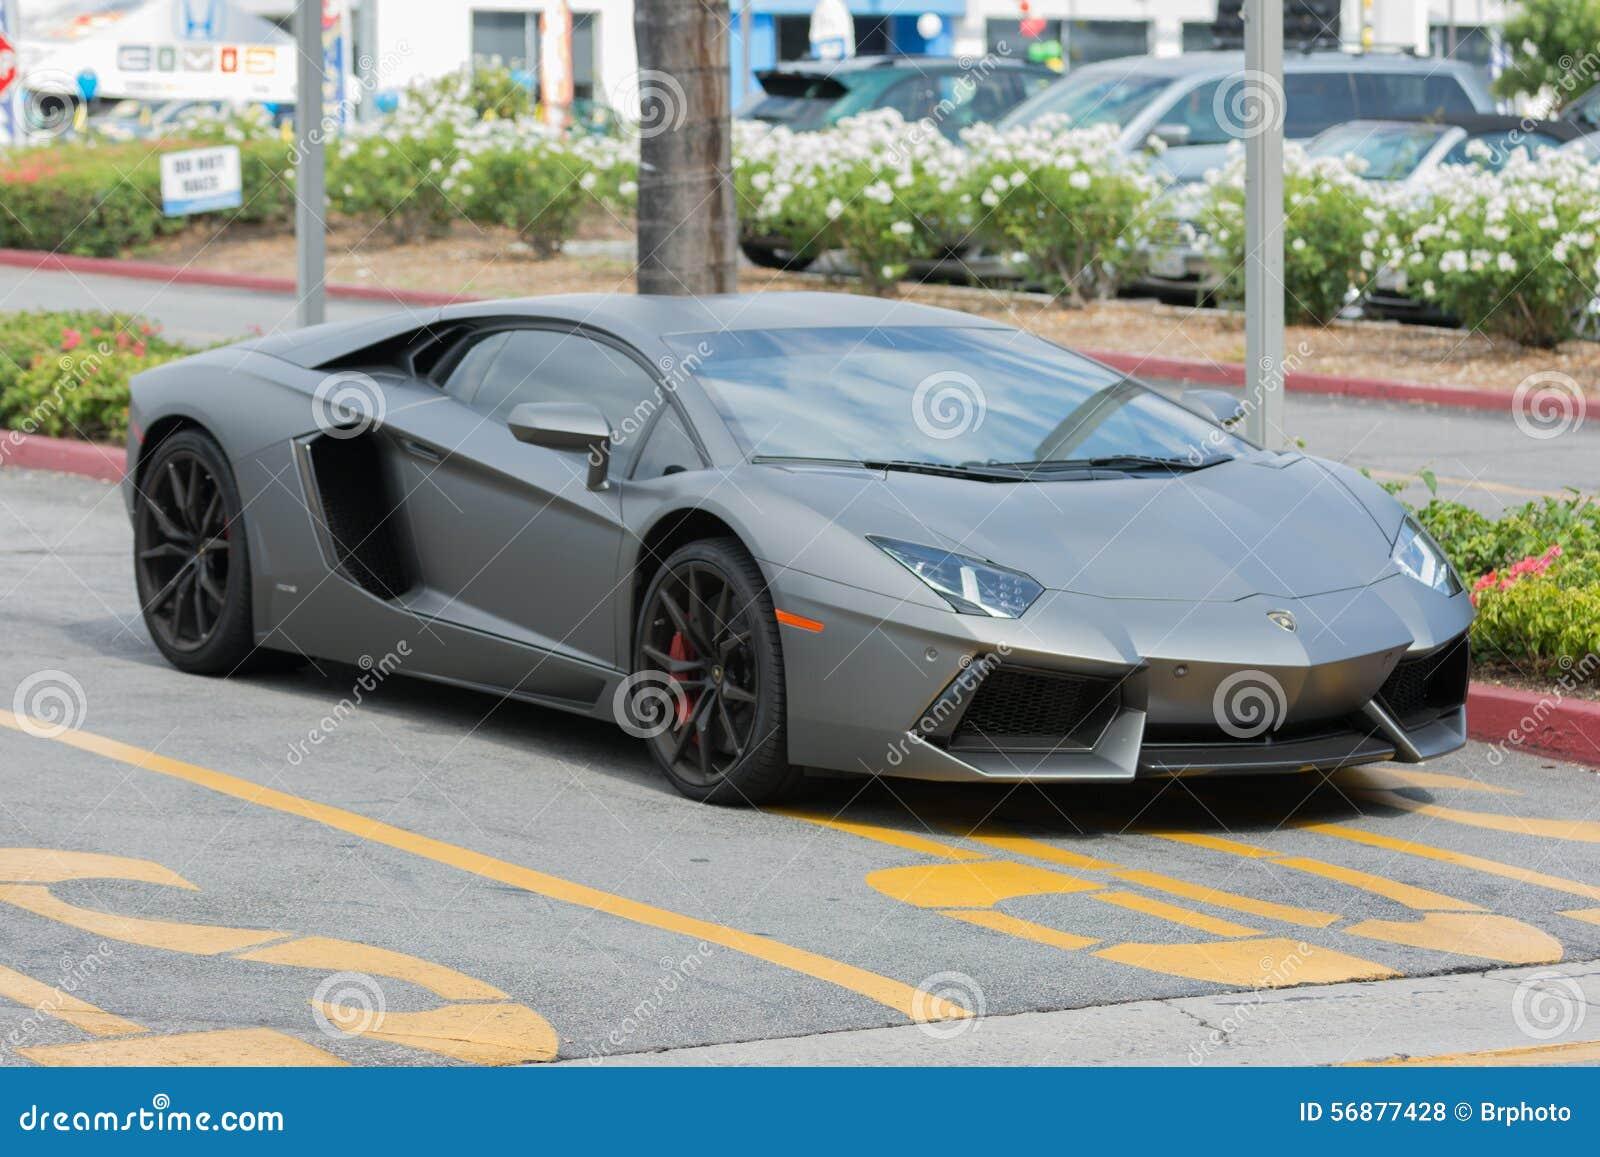 Автомобиль Lamborghini Aventador на дисплее